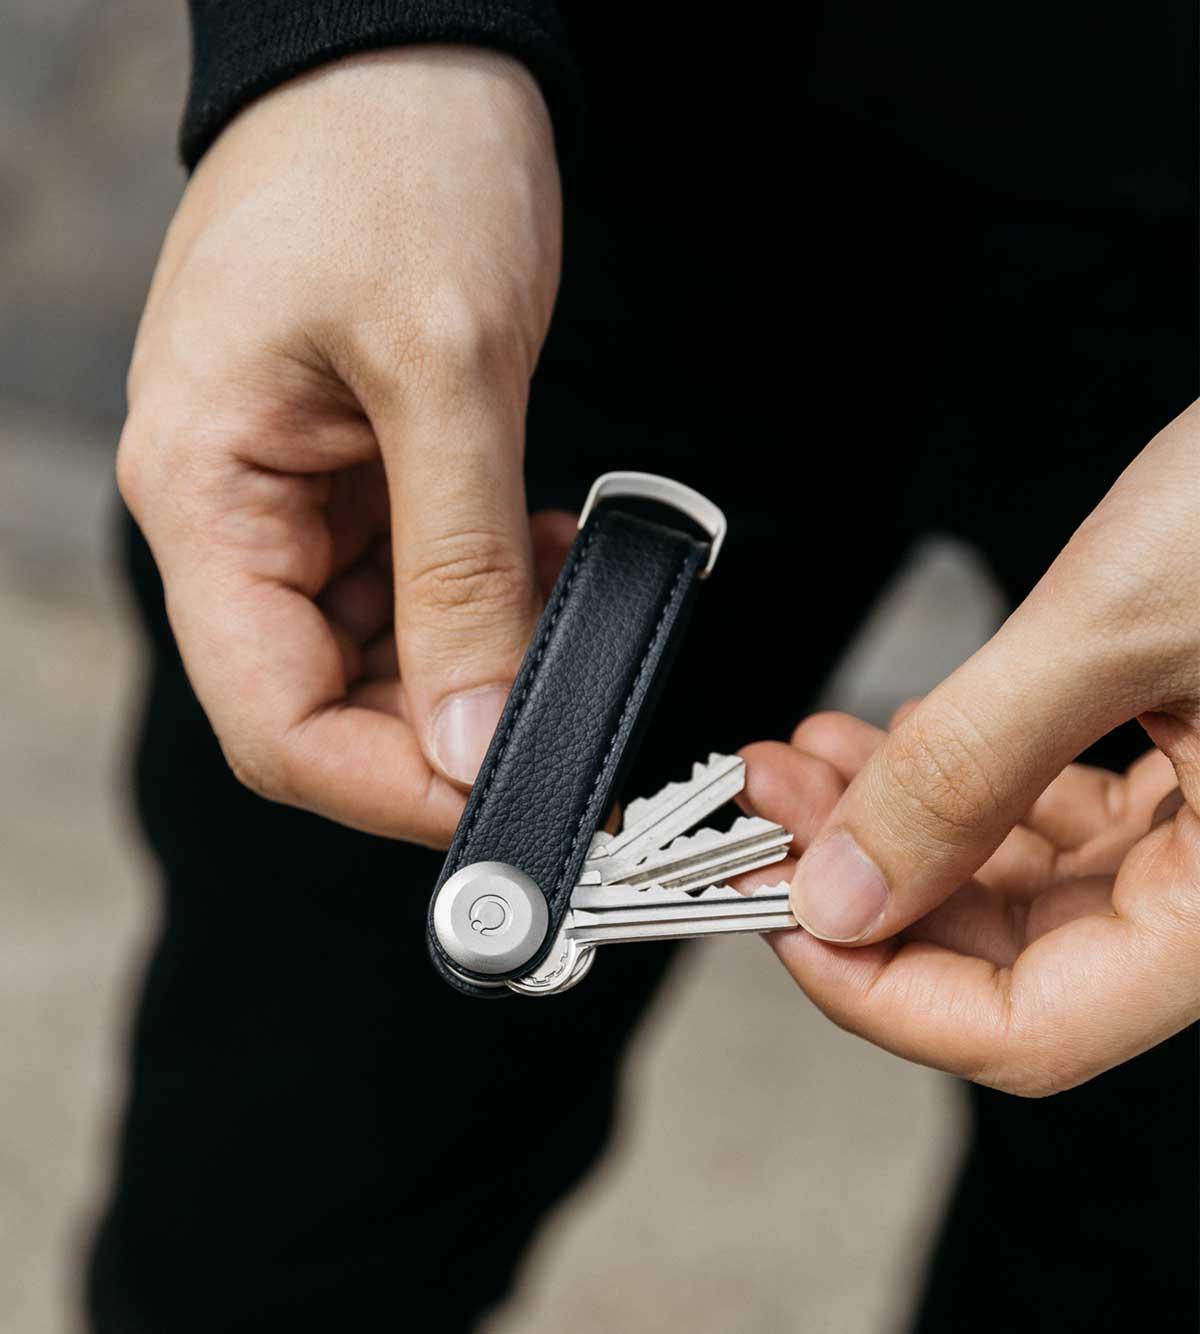 幅2cmに最大7本の鍵が収まり鍵を整理できる。サボテンから生まれたエコレザーのキーホルダー(キーケース)|ORBITKEY(オービットキー)